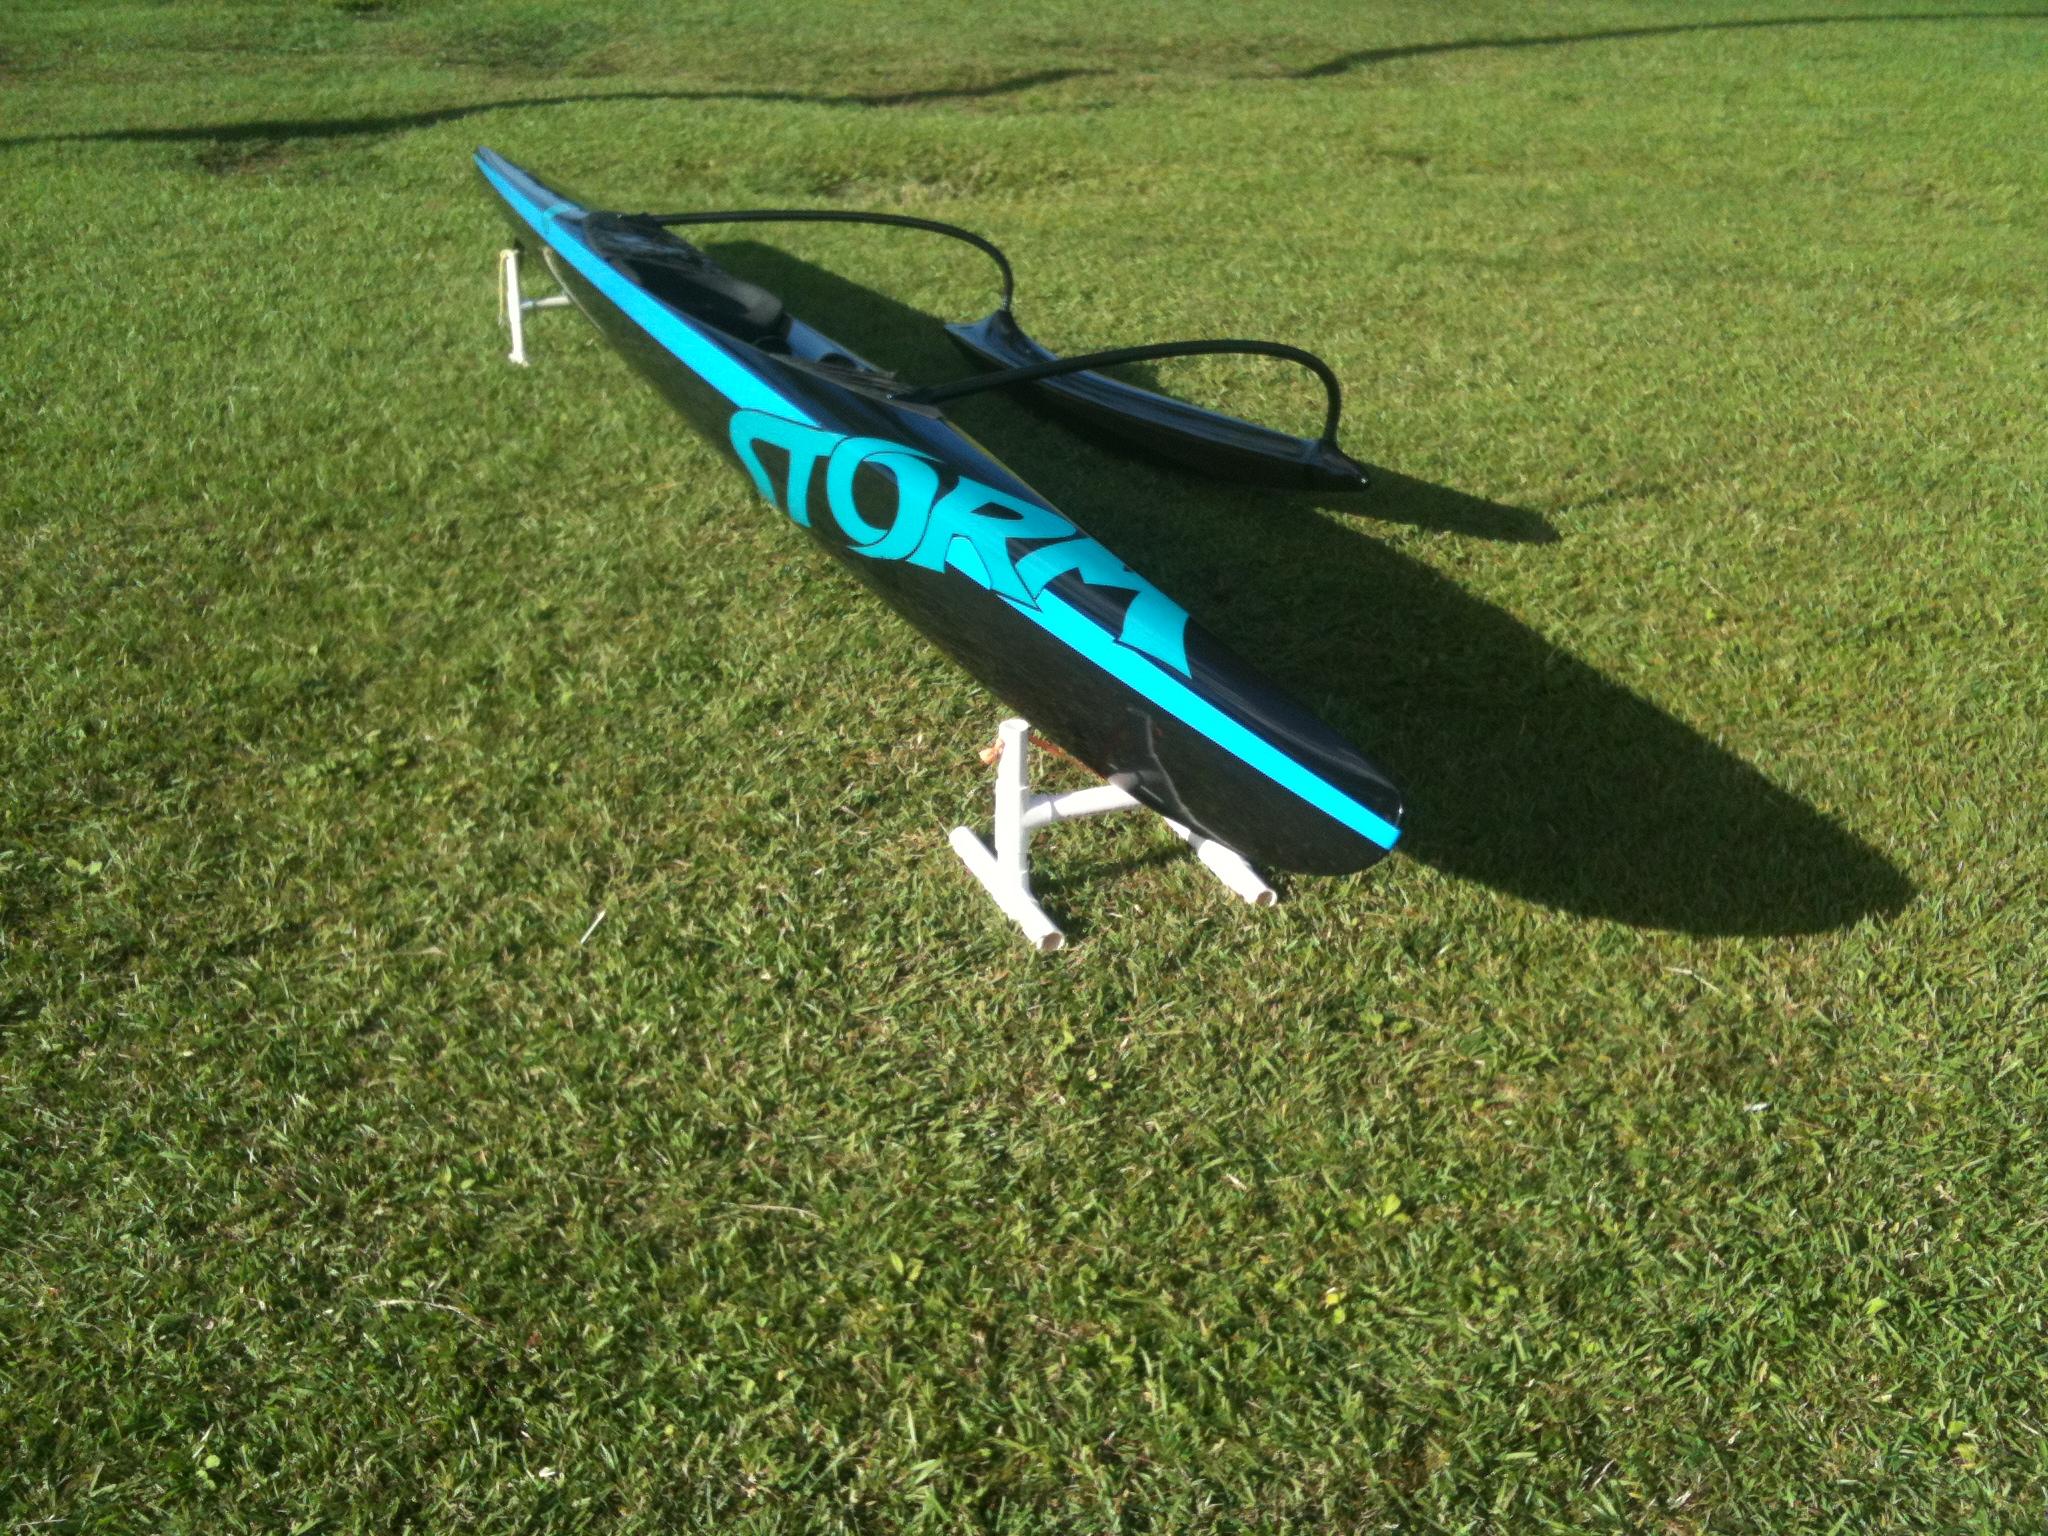 School bags for year 11 - Storm Outrigger Canoe Oc1 Ocpaddler Com